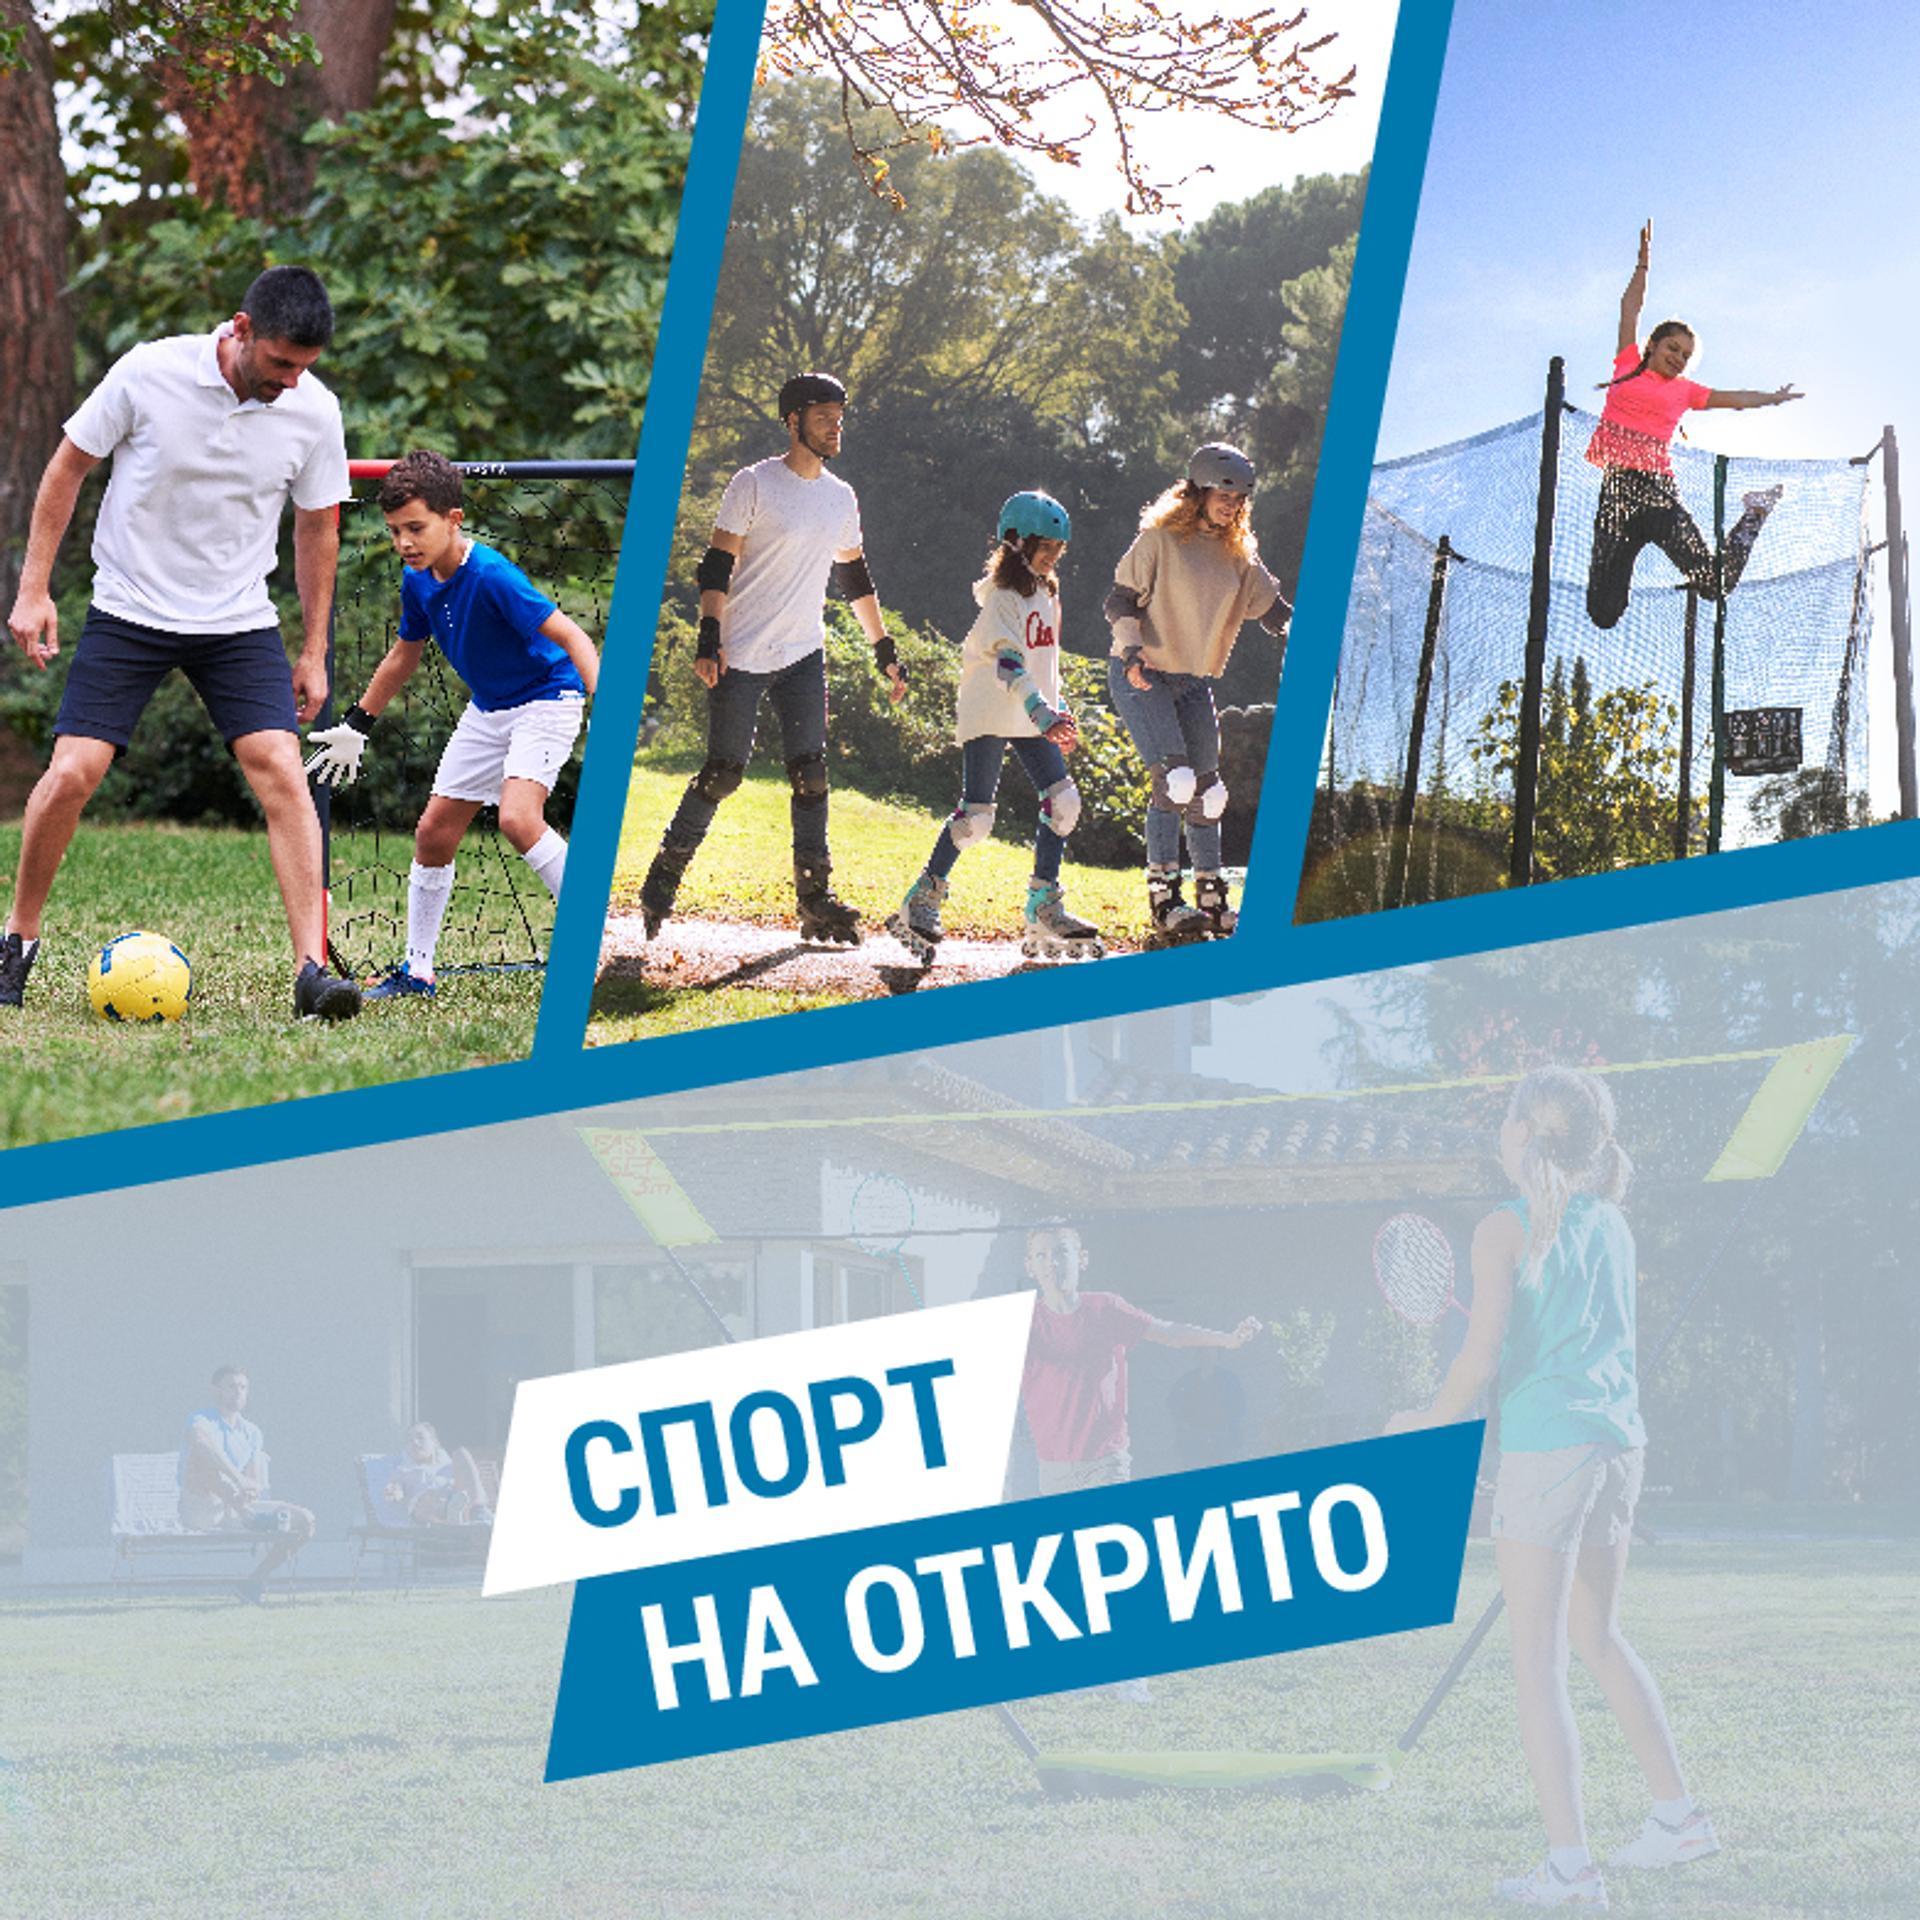 sport_outside-01.jpg